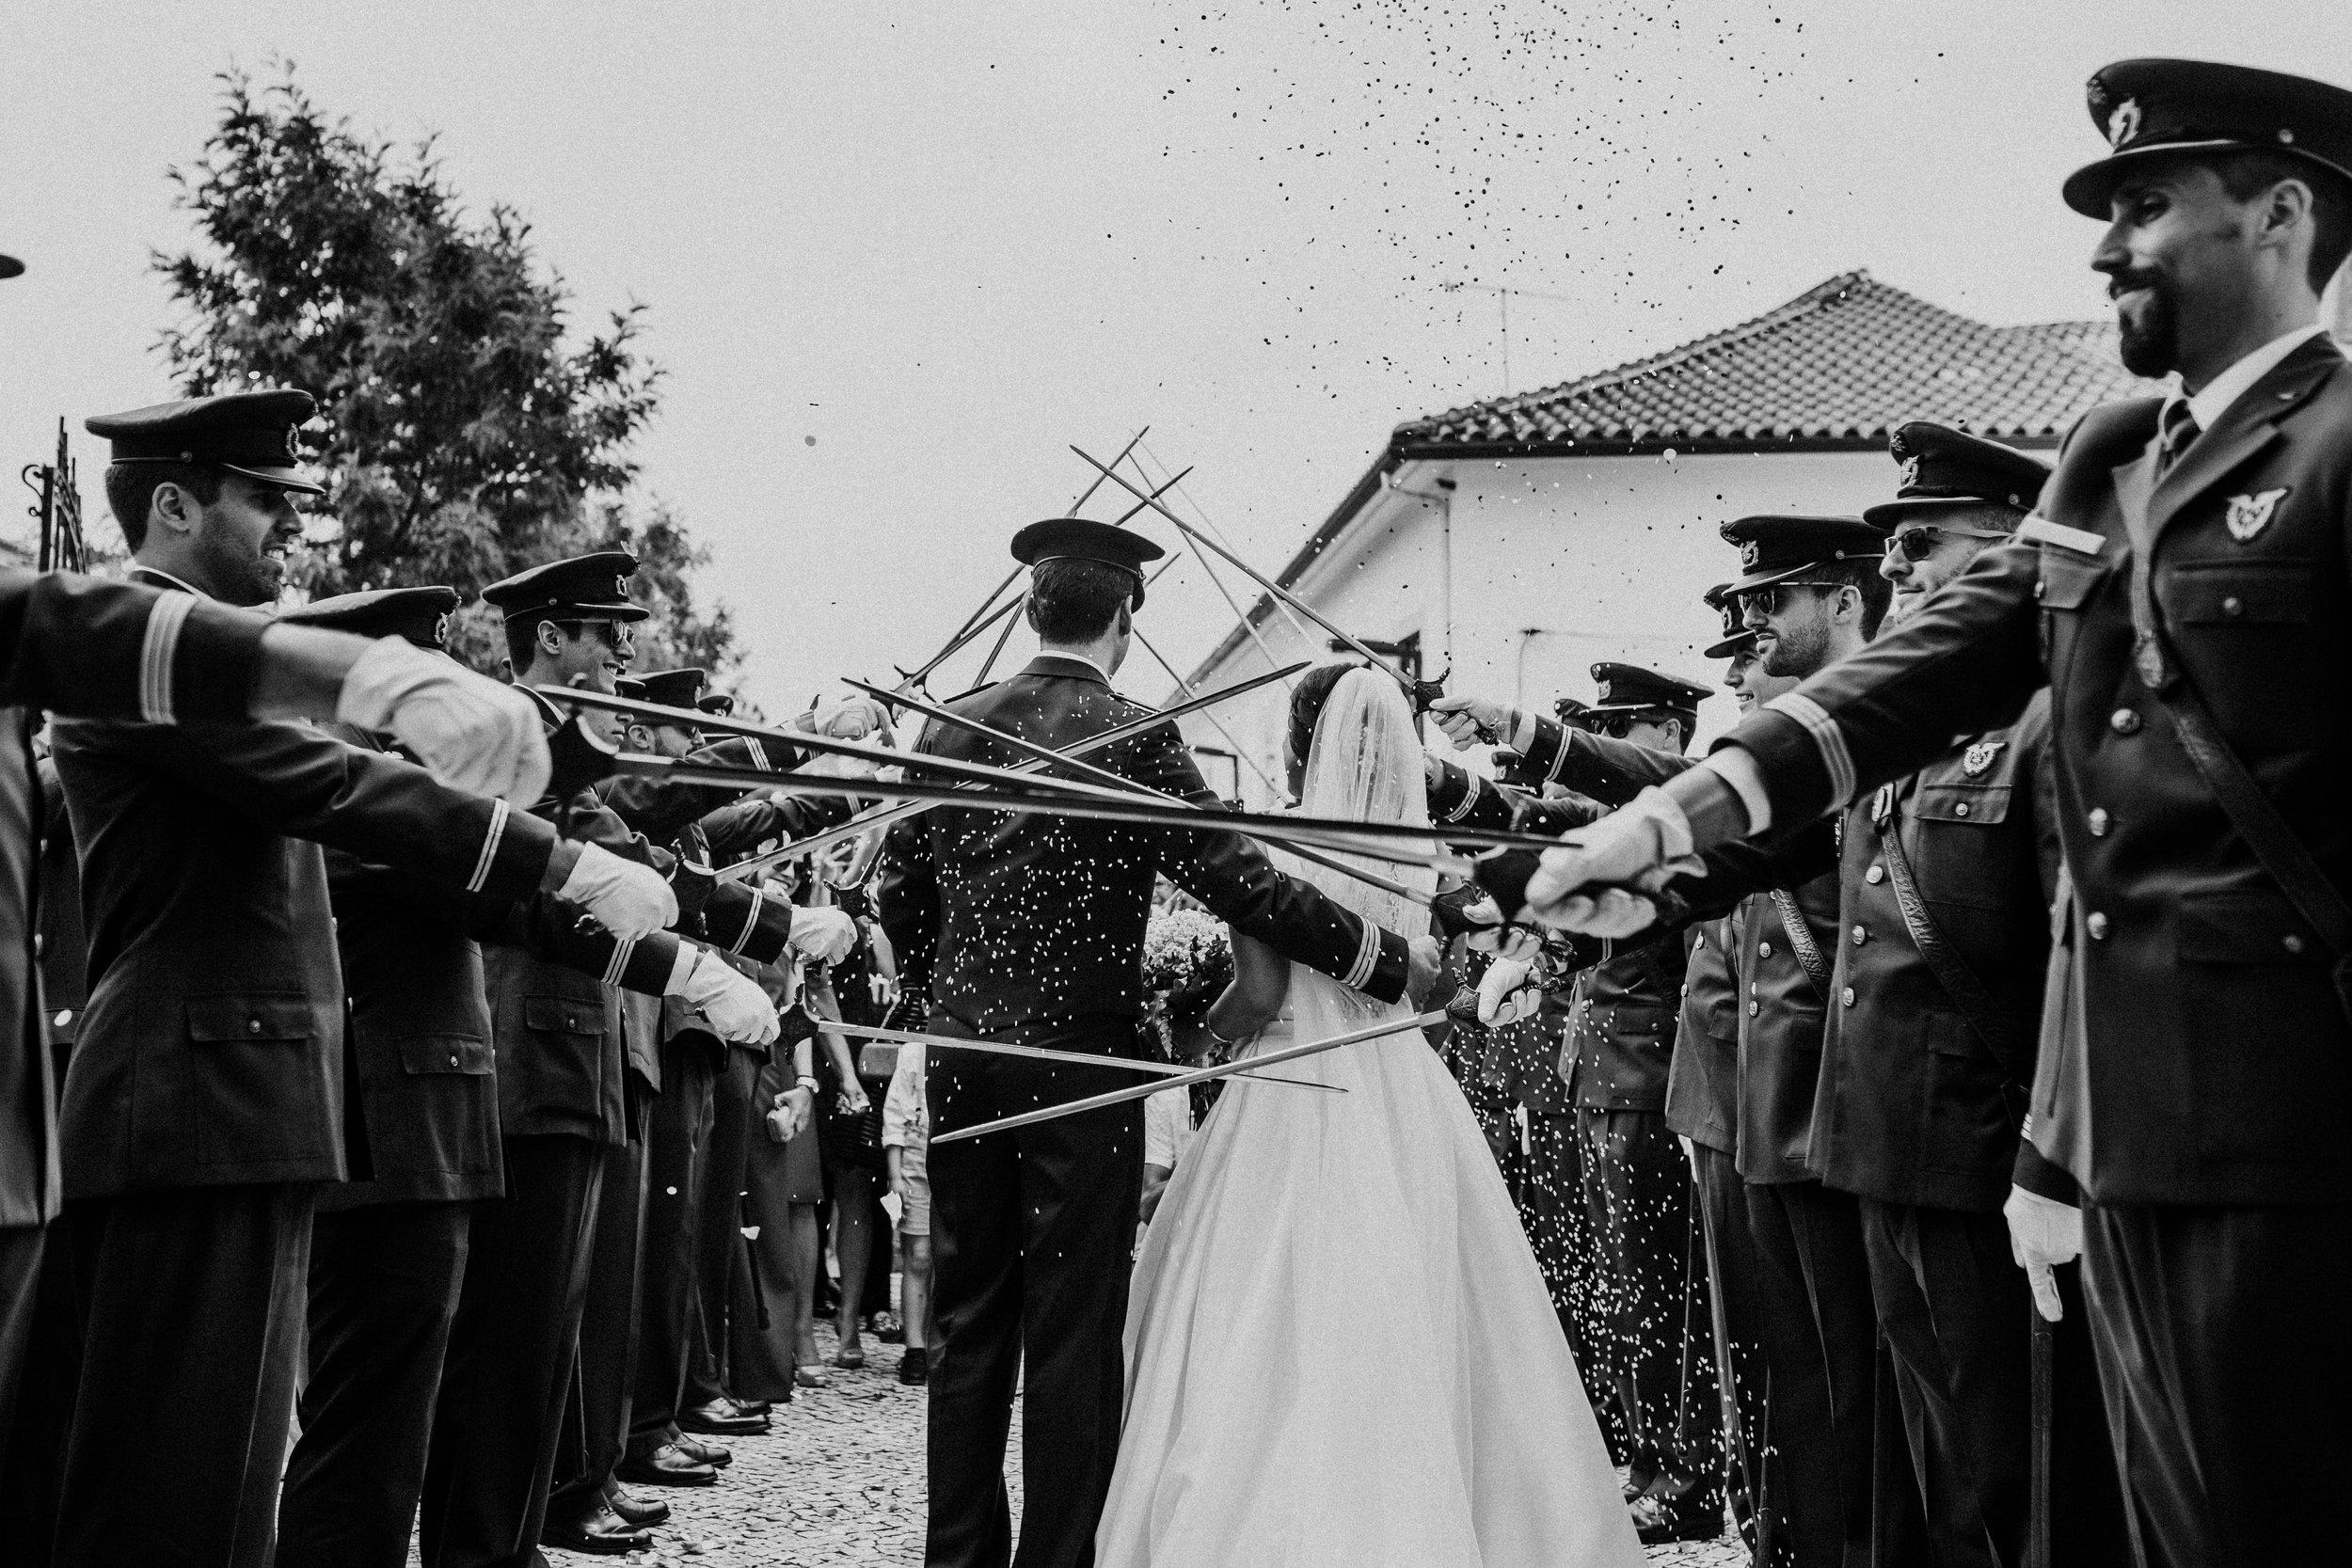 A&R_451_ 07_julho_2018 WEDDING DAY.jpg